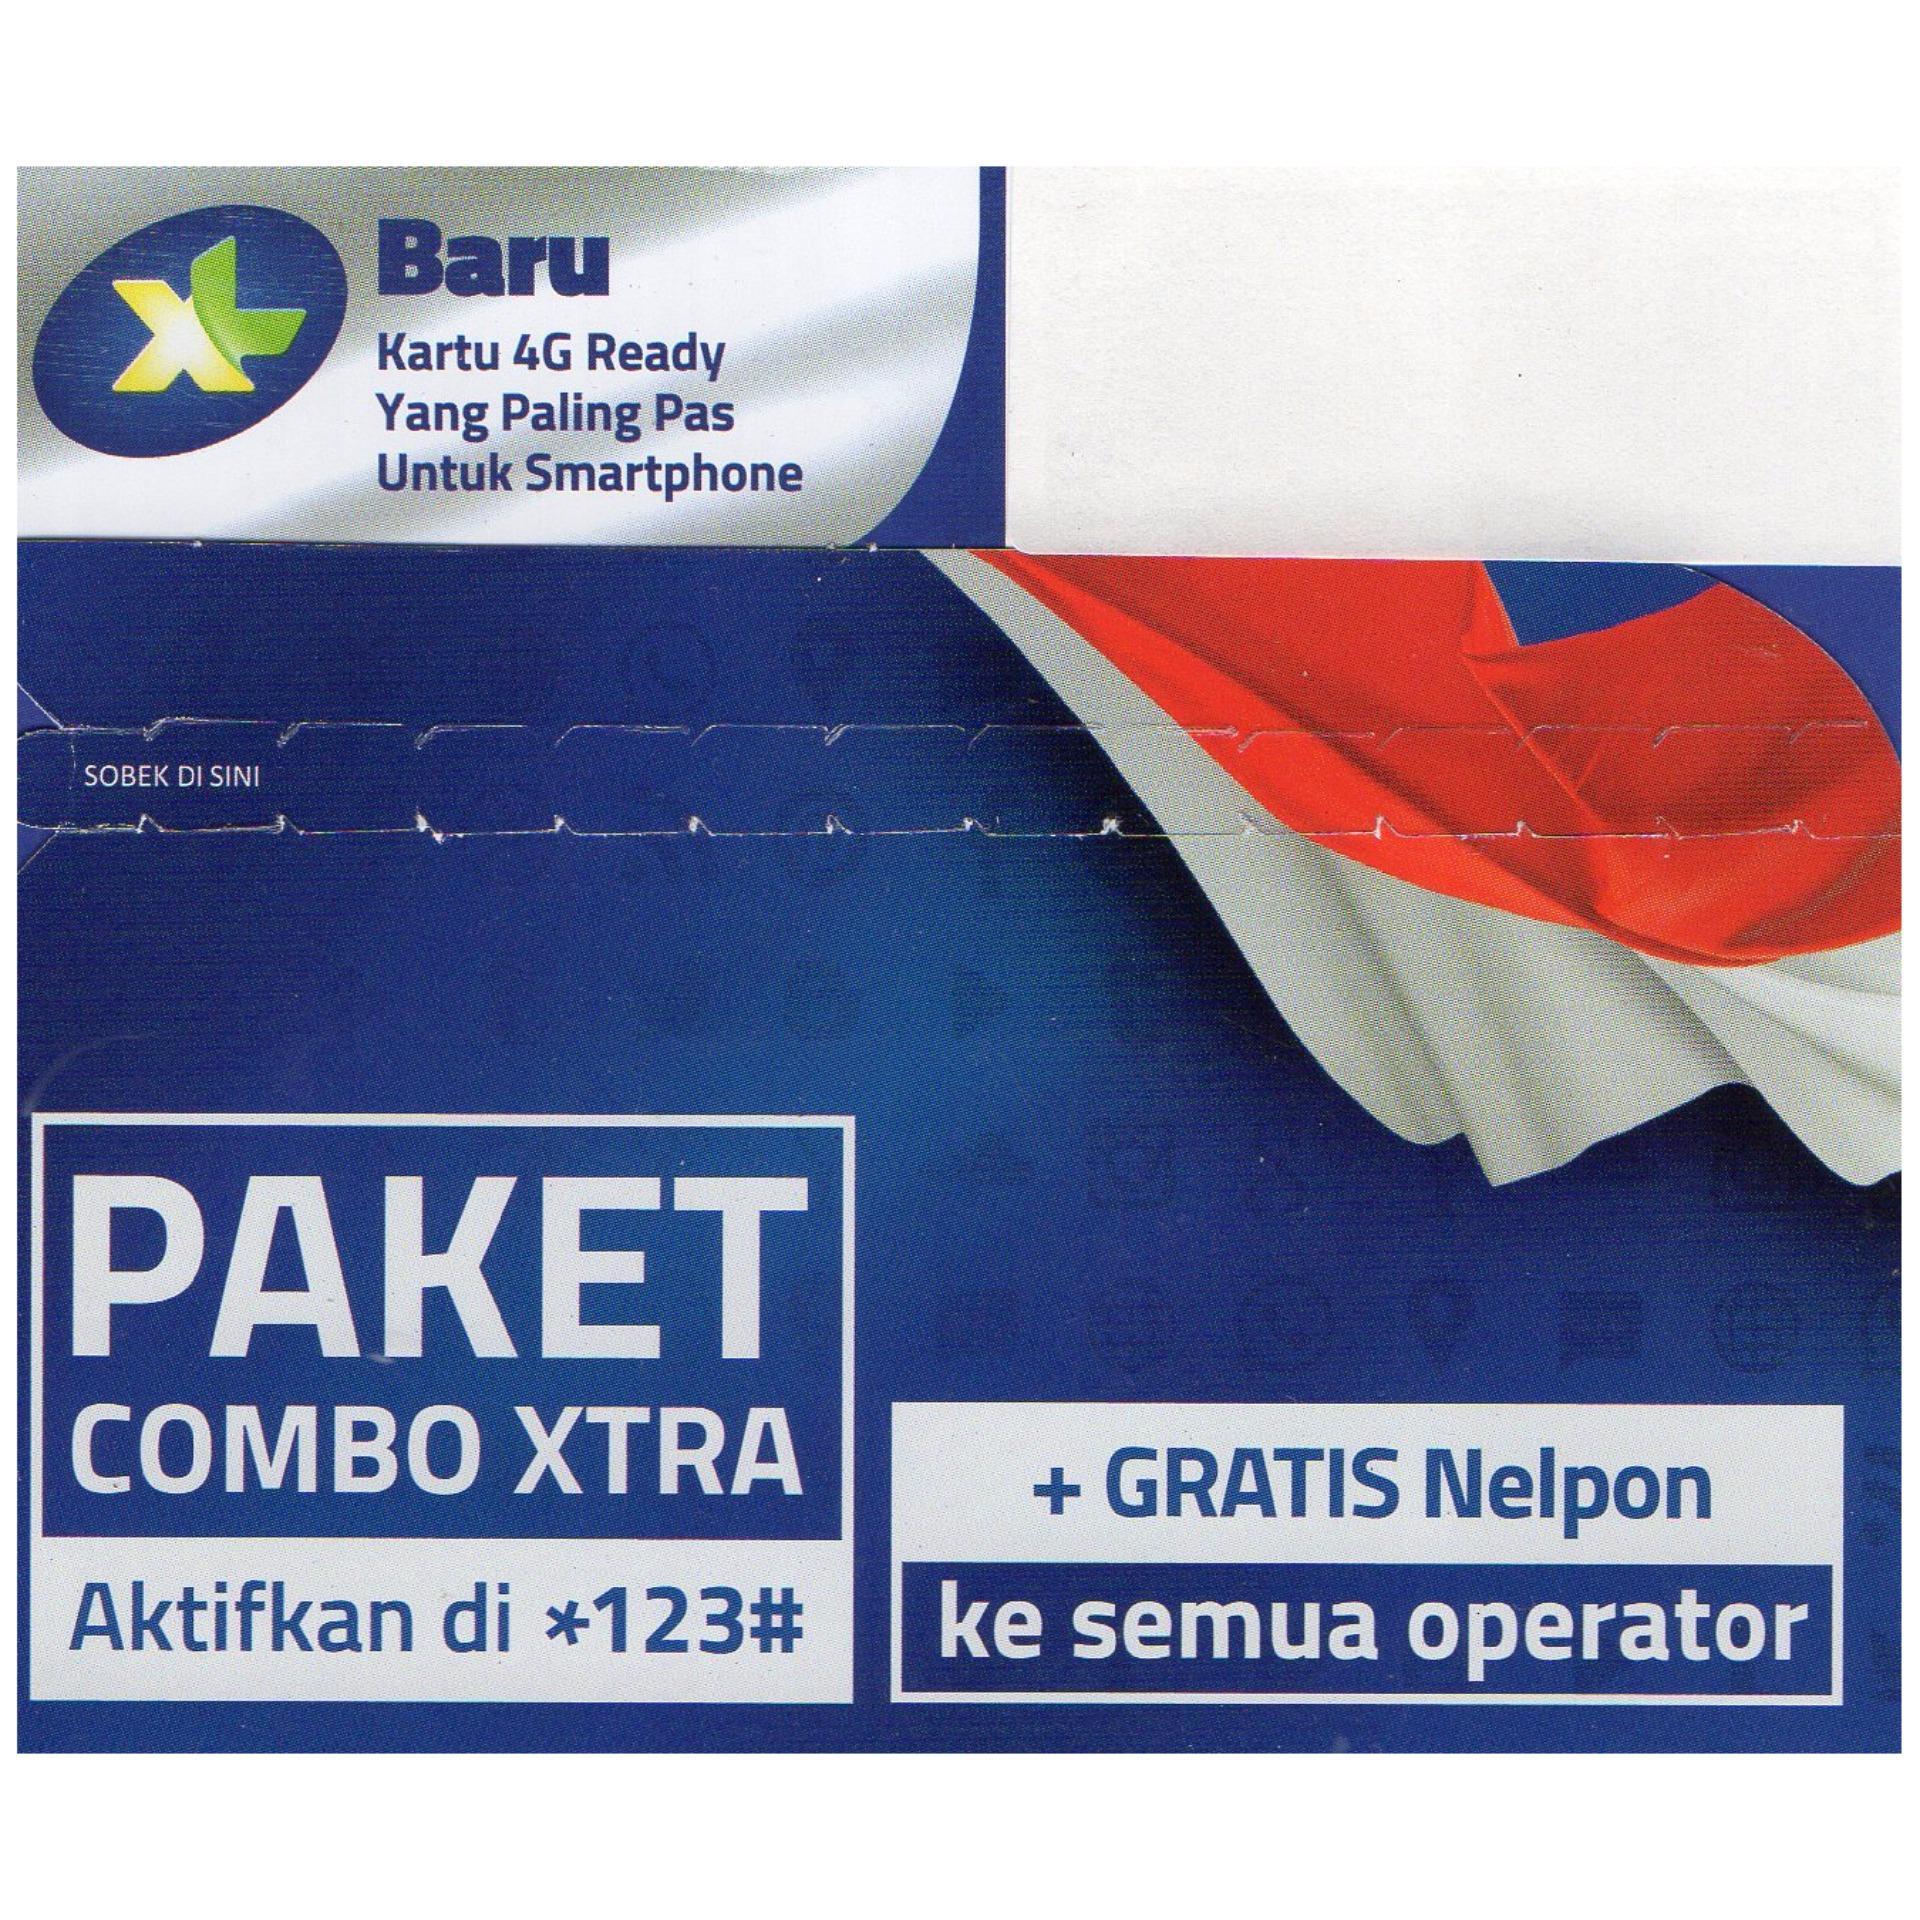 XL Axiata Nomor Cantik 0877 8822 7979 Lazada Indonesia Source Nomor